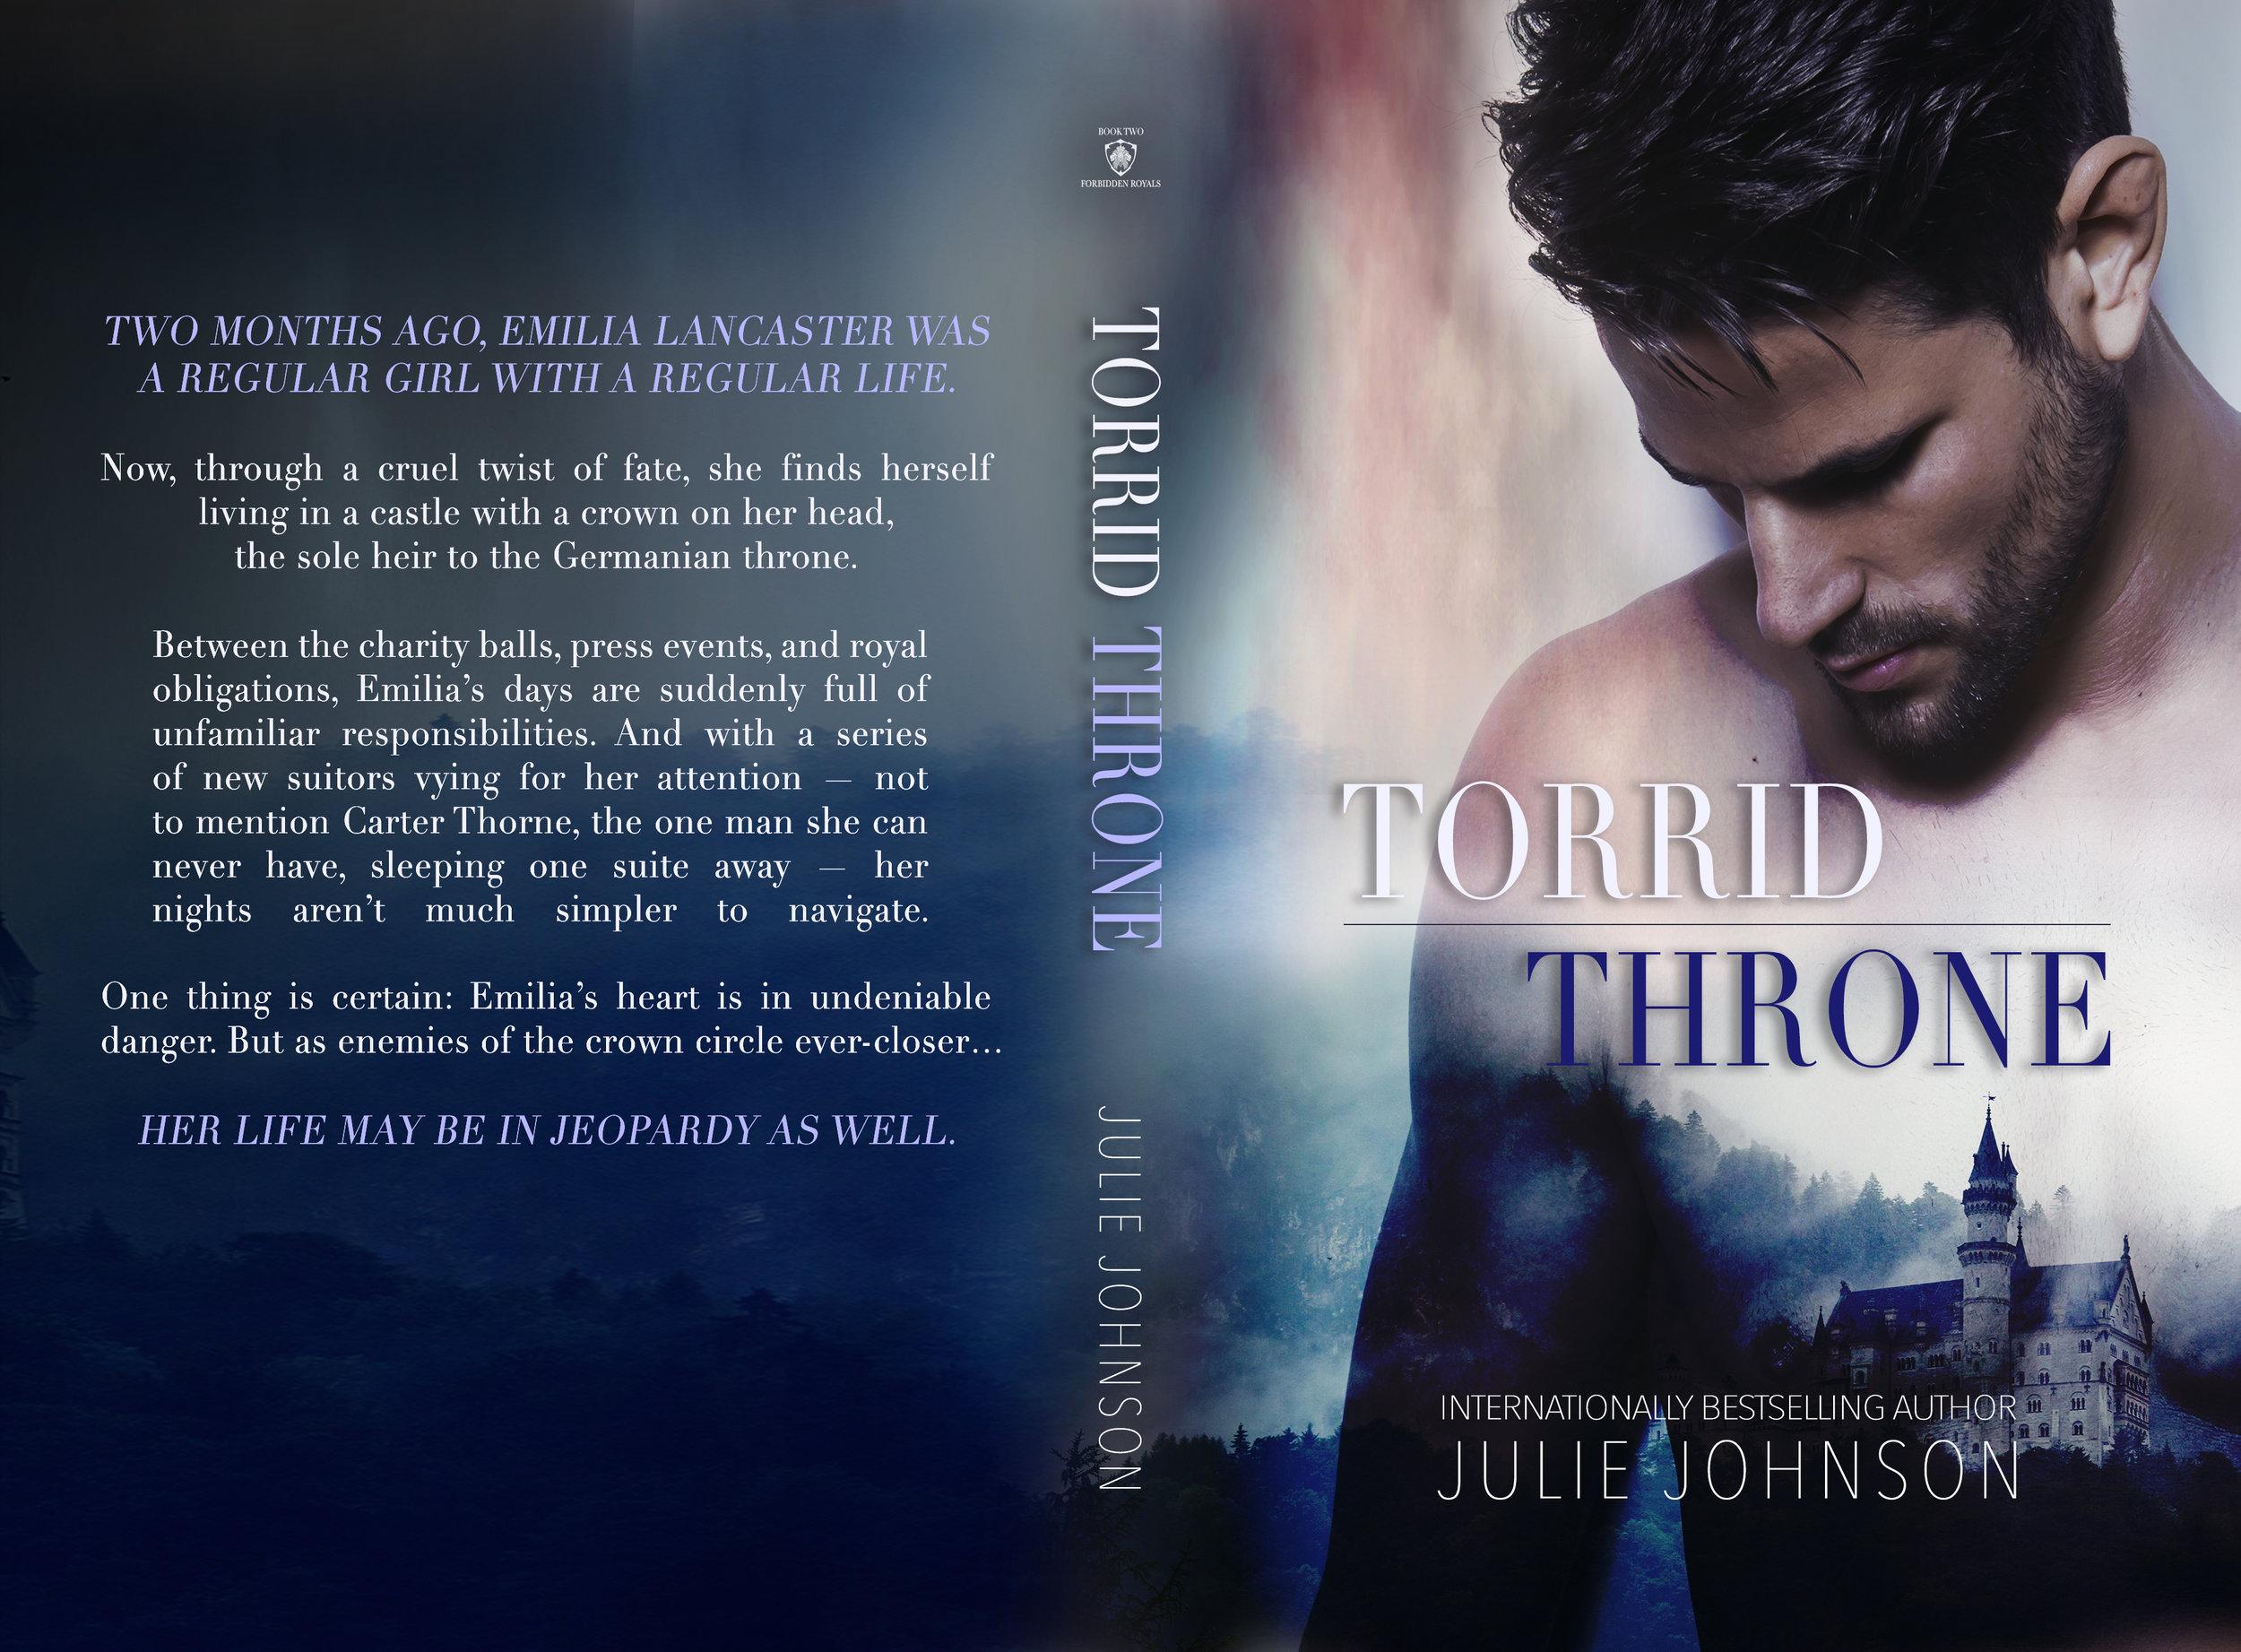 torrid throne full spread.jpg